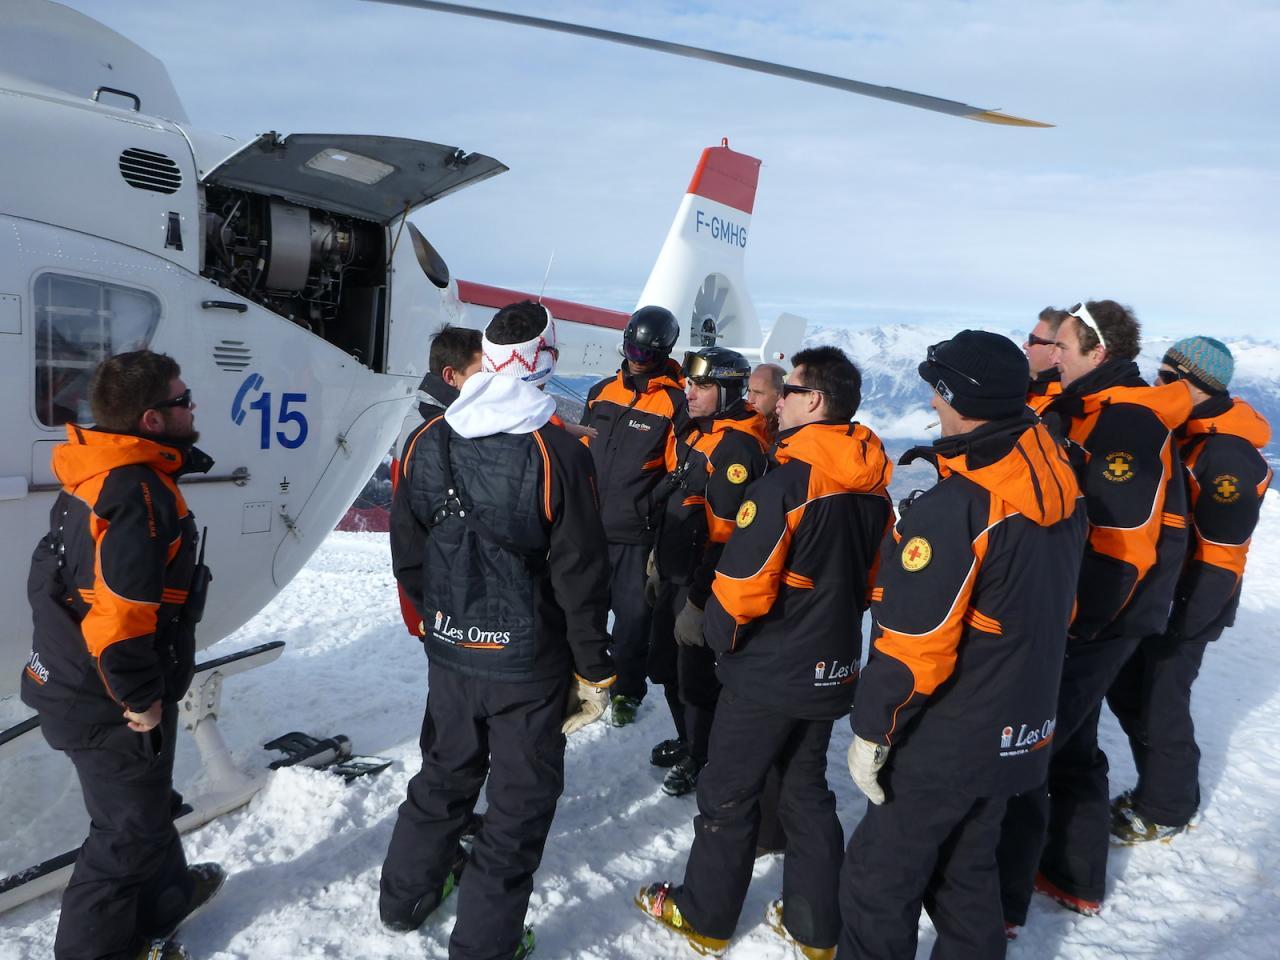 Hélicoptère SAF aux Orres 11